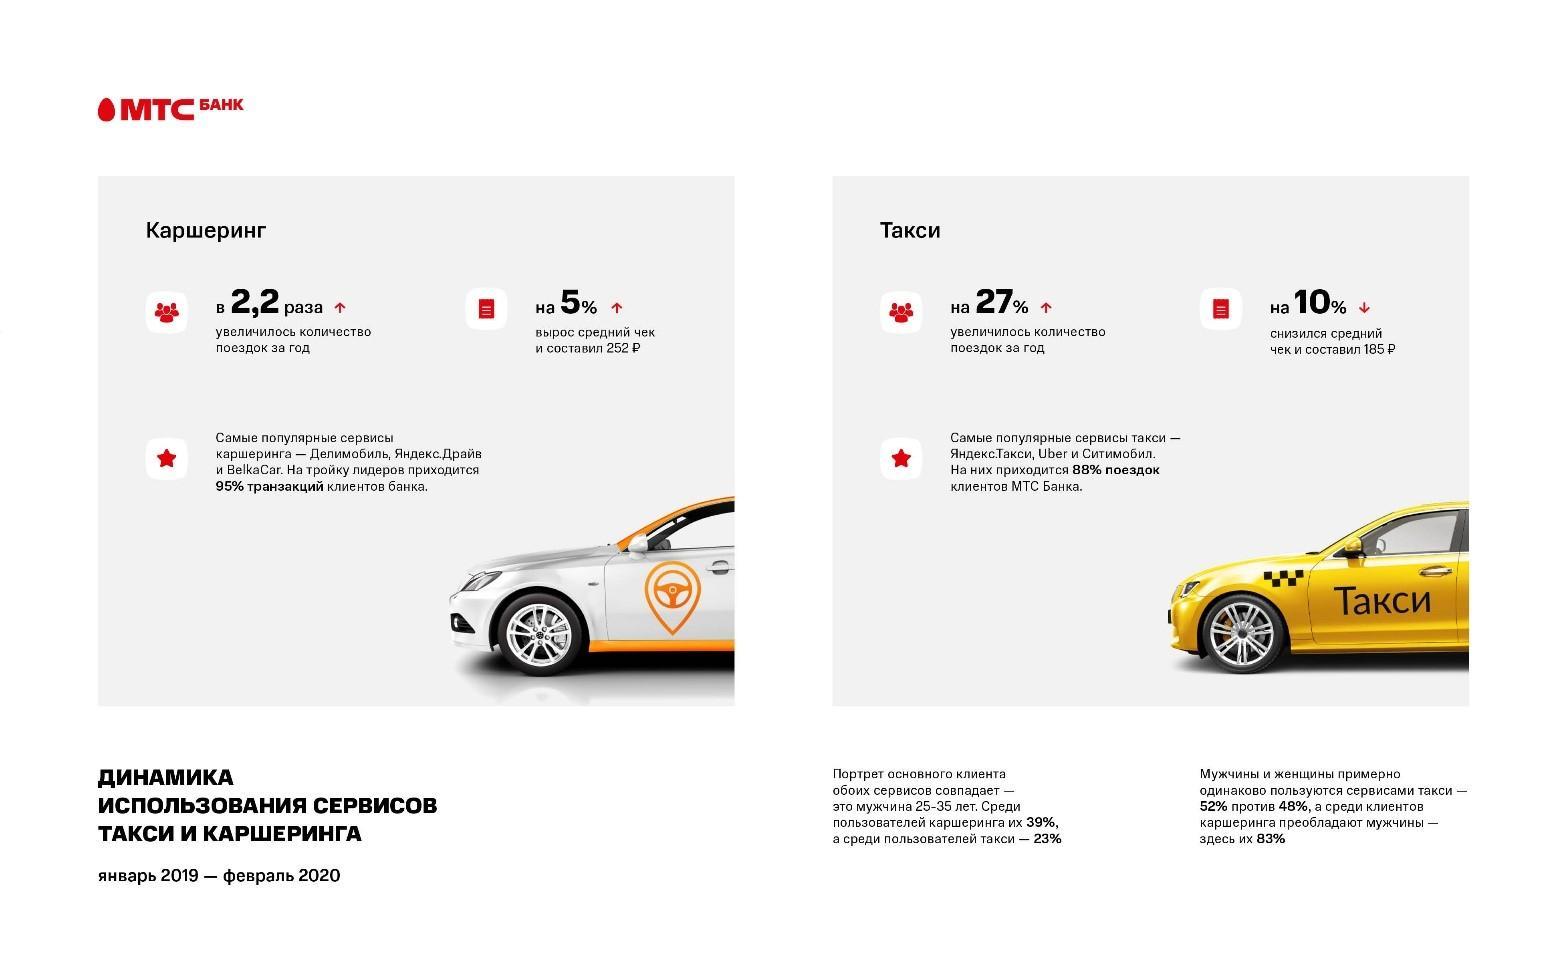 Данныепопулярности такси икаршеринга вРФ: заказывают владельцы своих авто инедоверяют старики